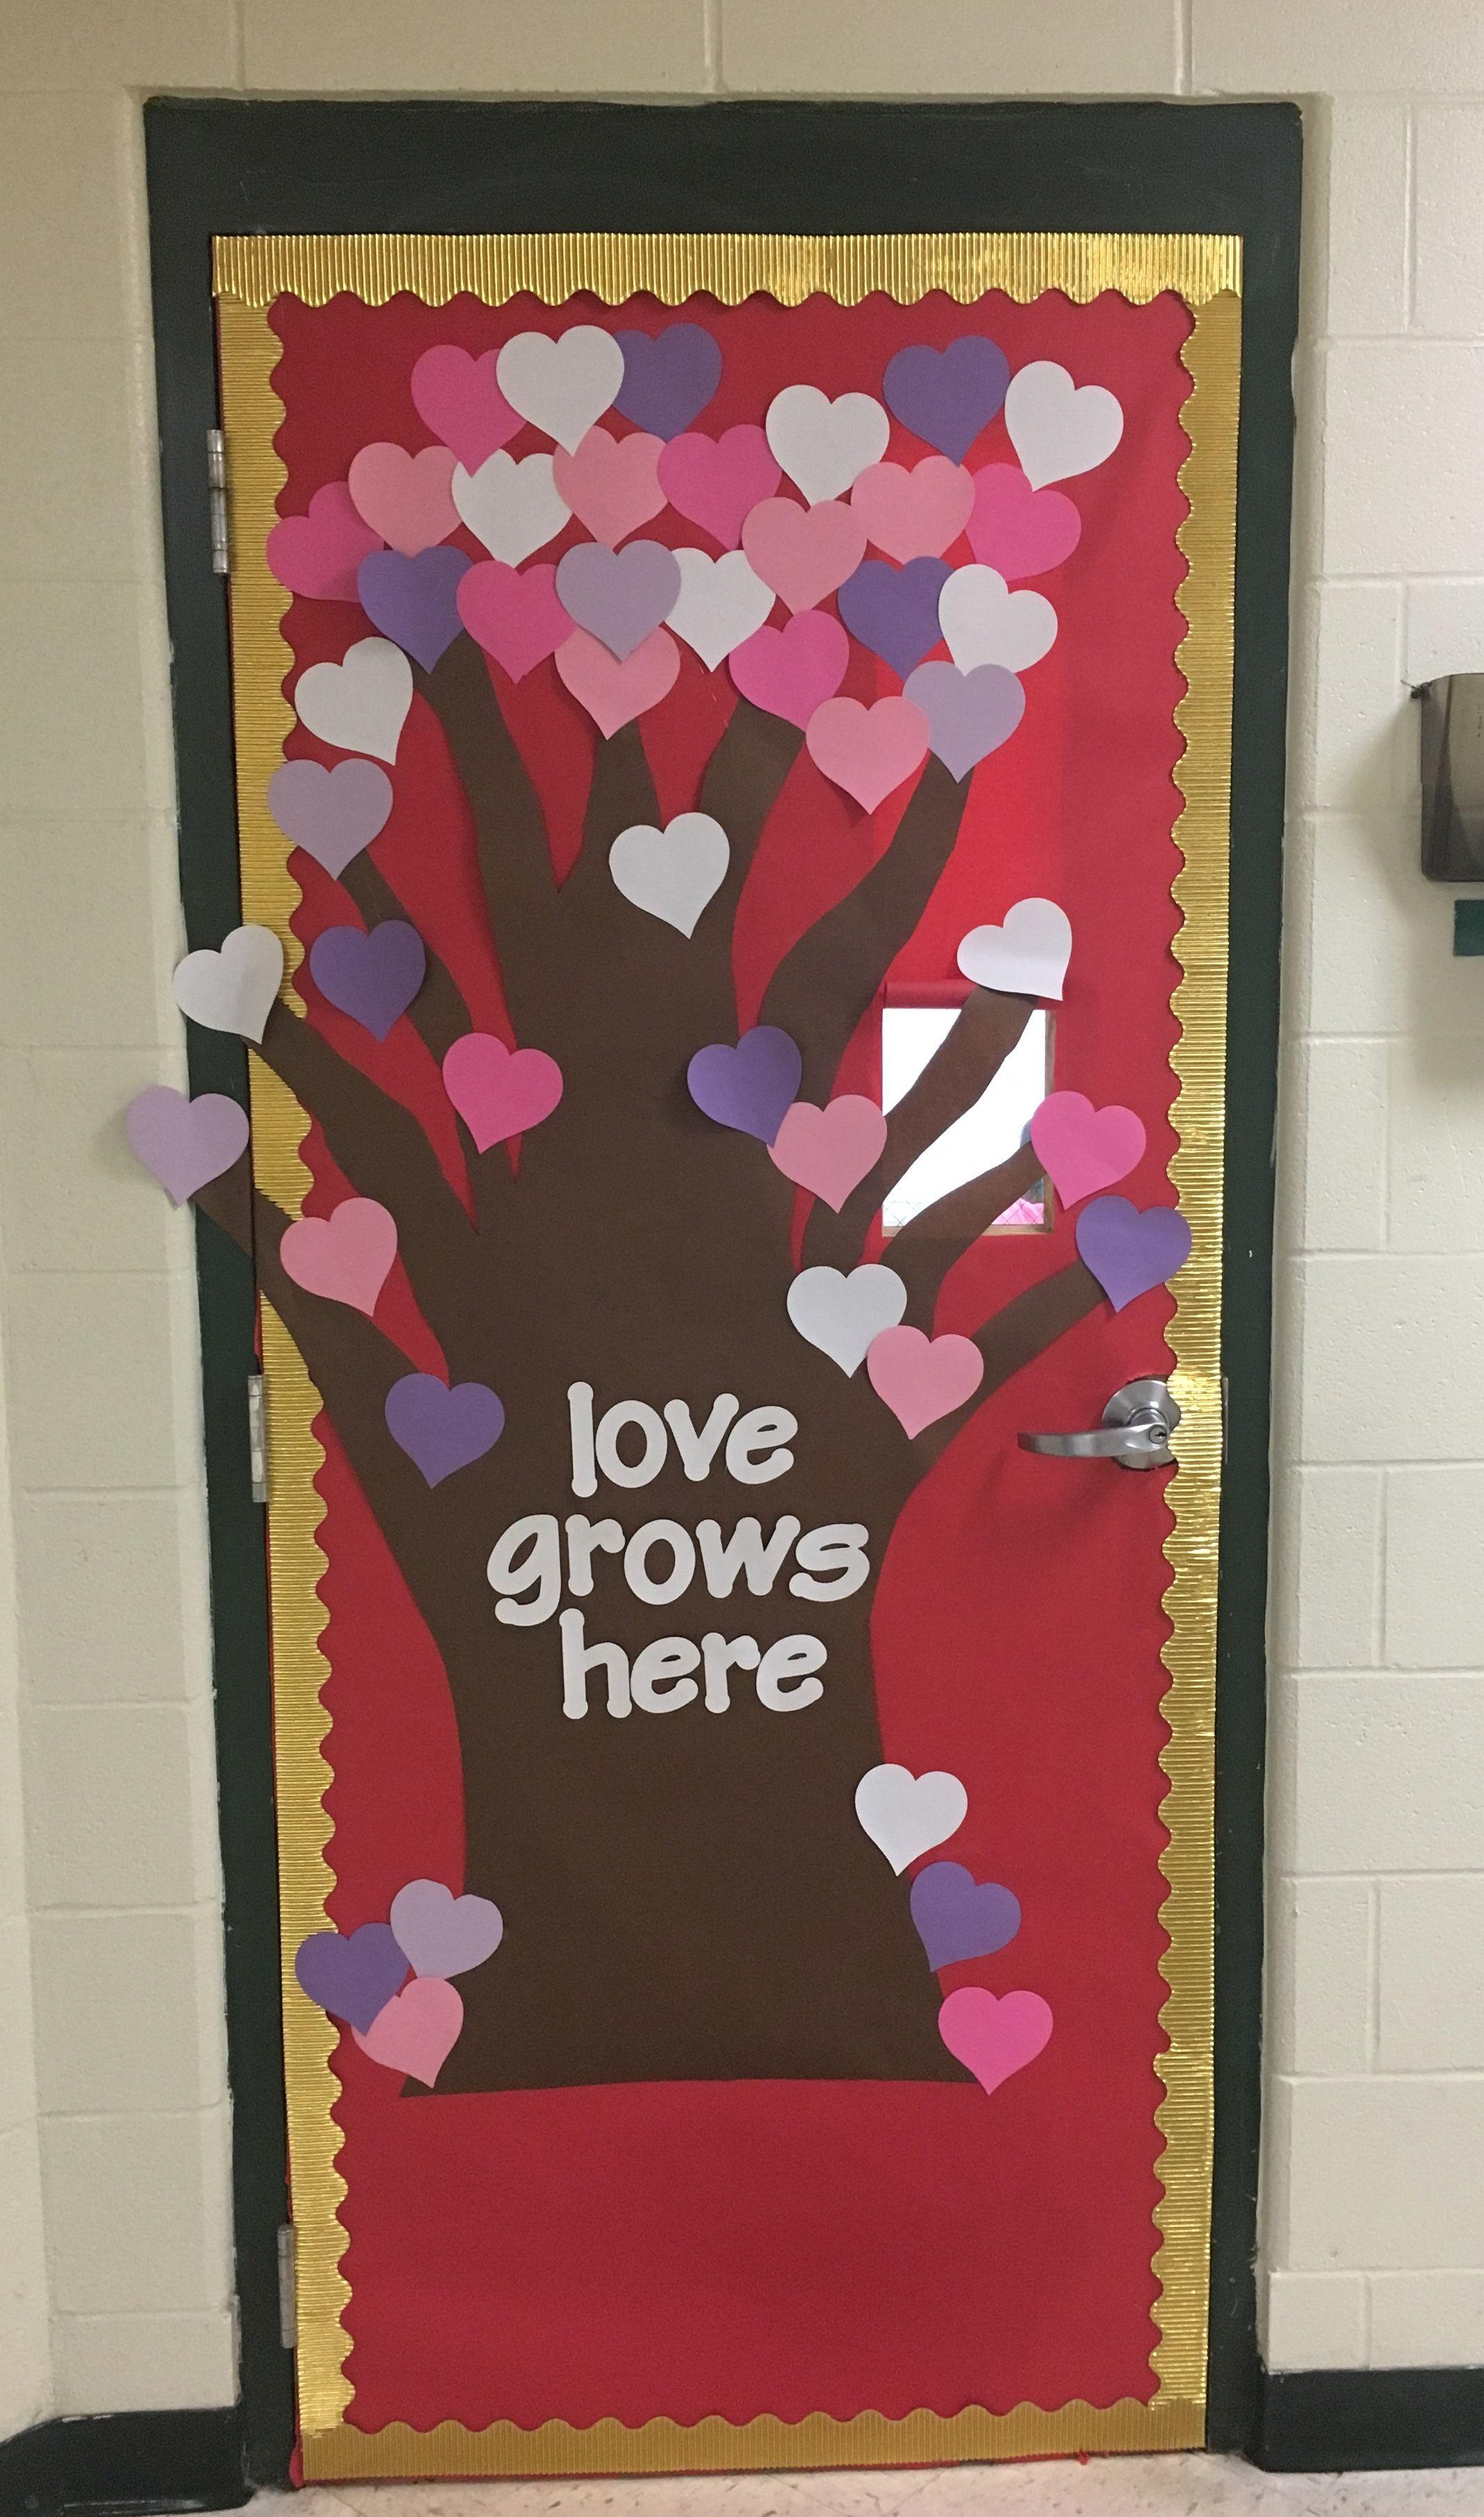 Valentinesday Classroom Door School Heart Valentines Door Decorations Classroom Valentines Classroom Door Valentines Classroom Decorations